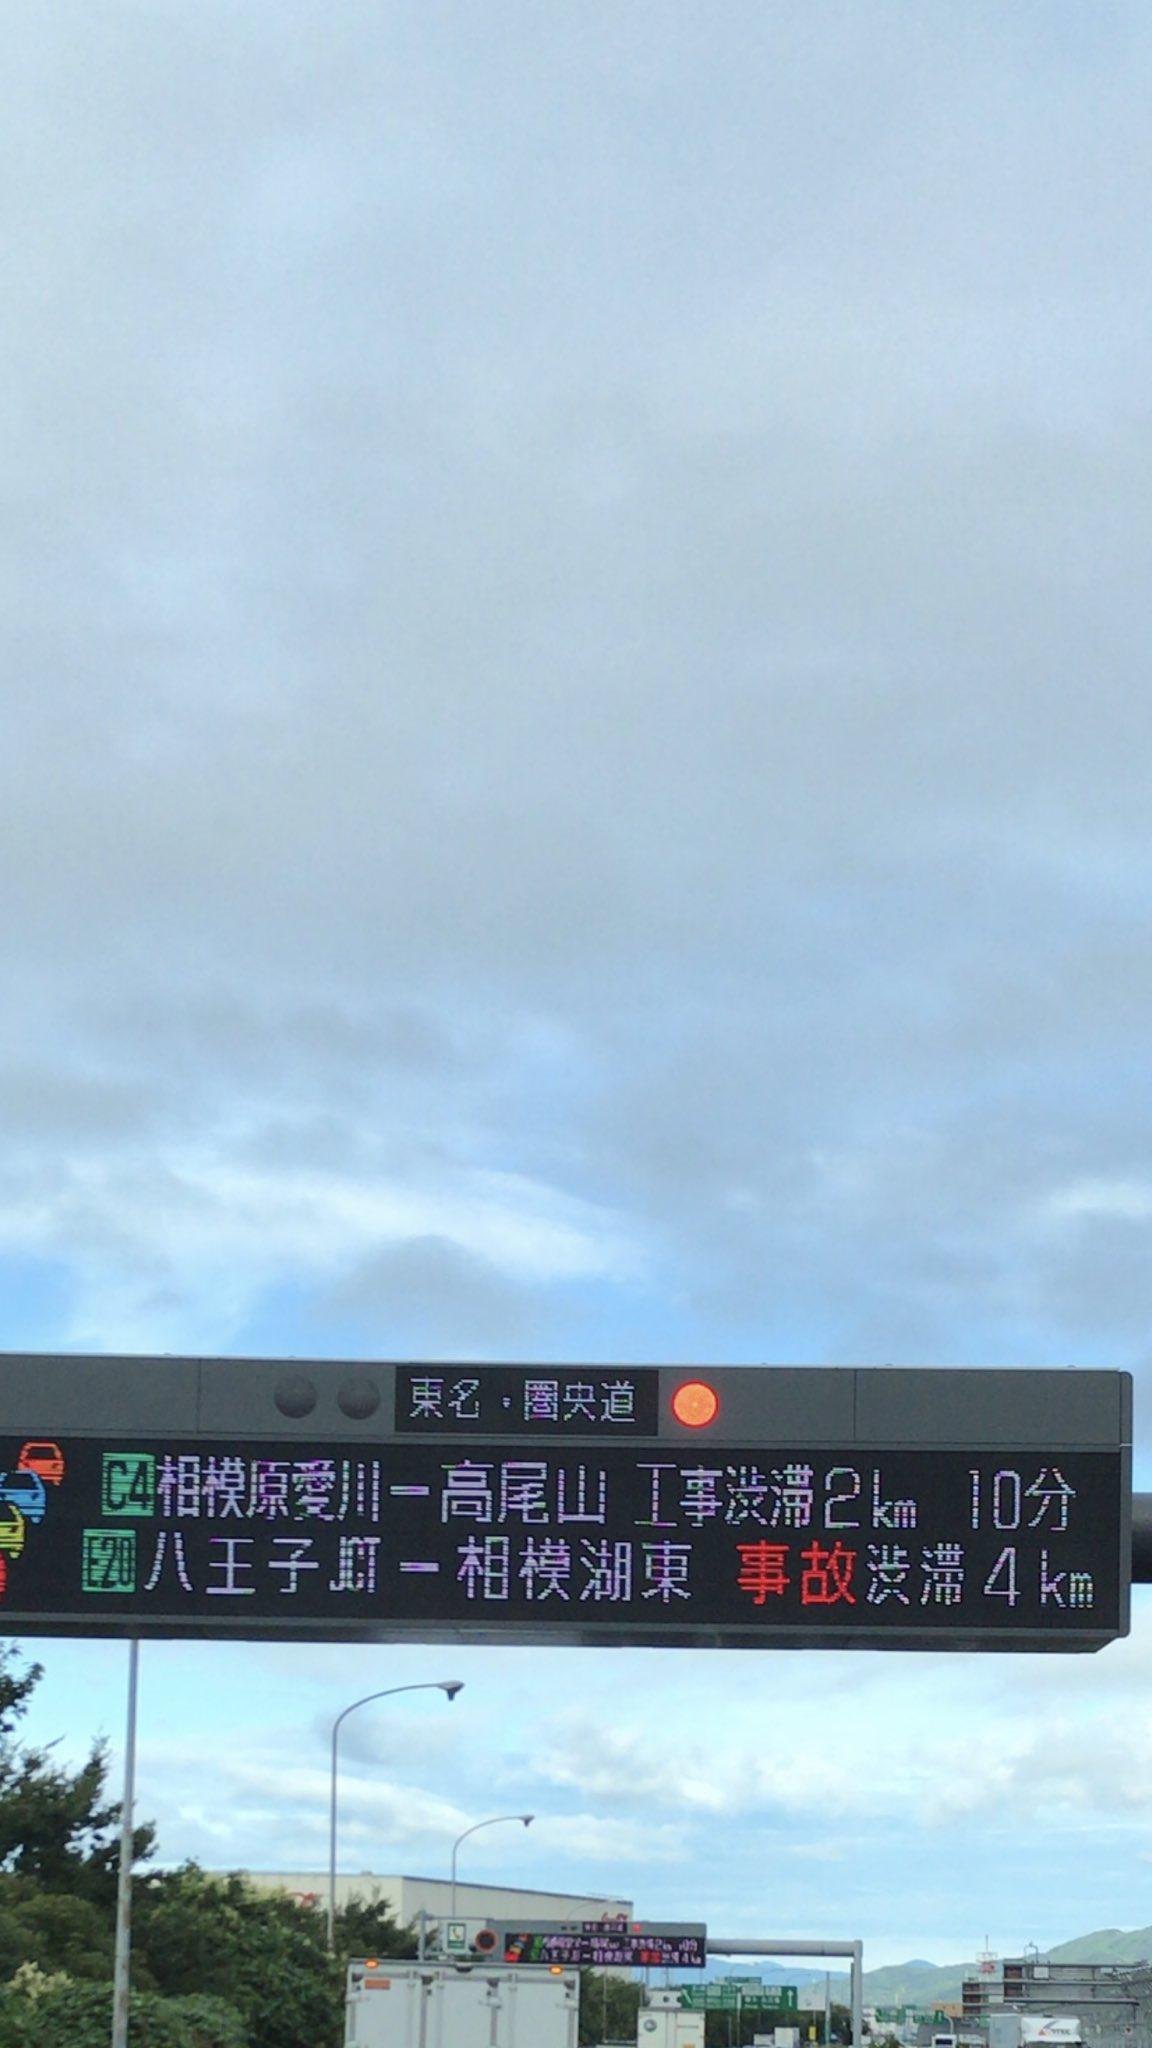 画像,圏央外回り相模原愛川〜高尾工事👷♂️渋滞2キロ10分、中央道も事故表示出てるので使う方お気をつけて✋️ https://t.co/f1POYOzsIW…